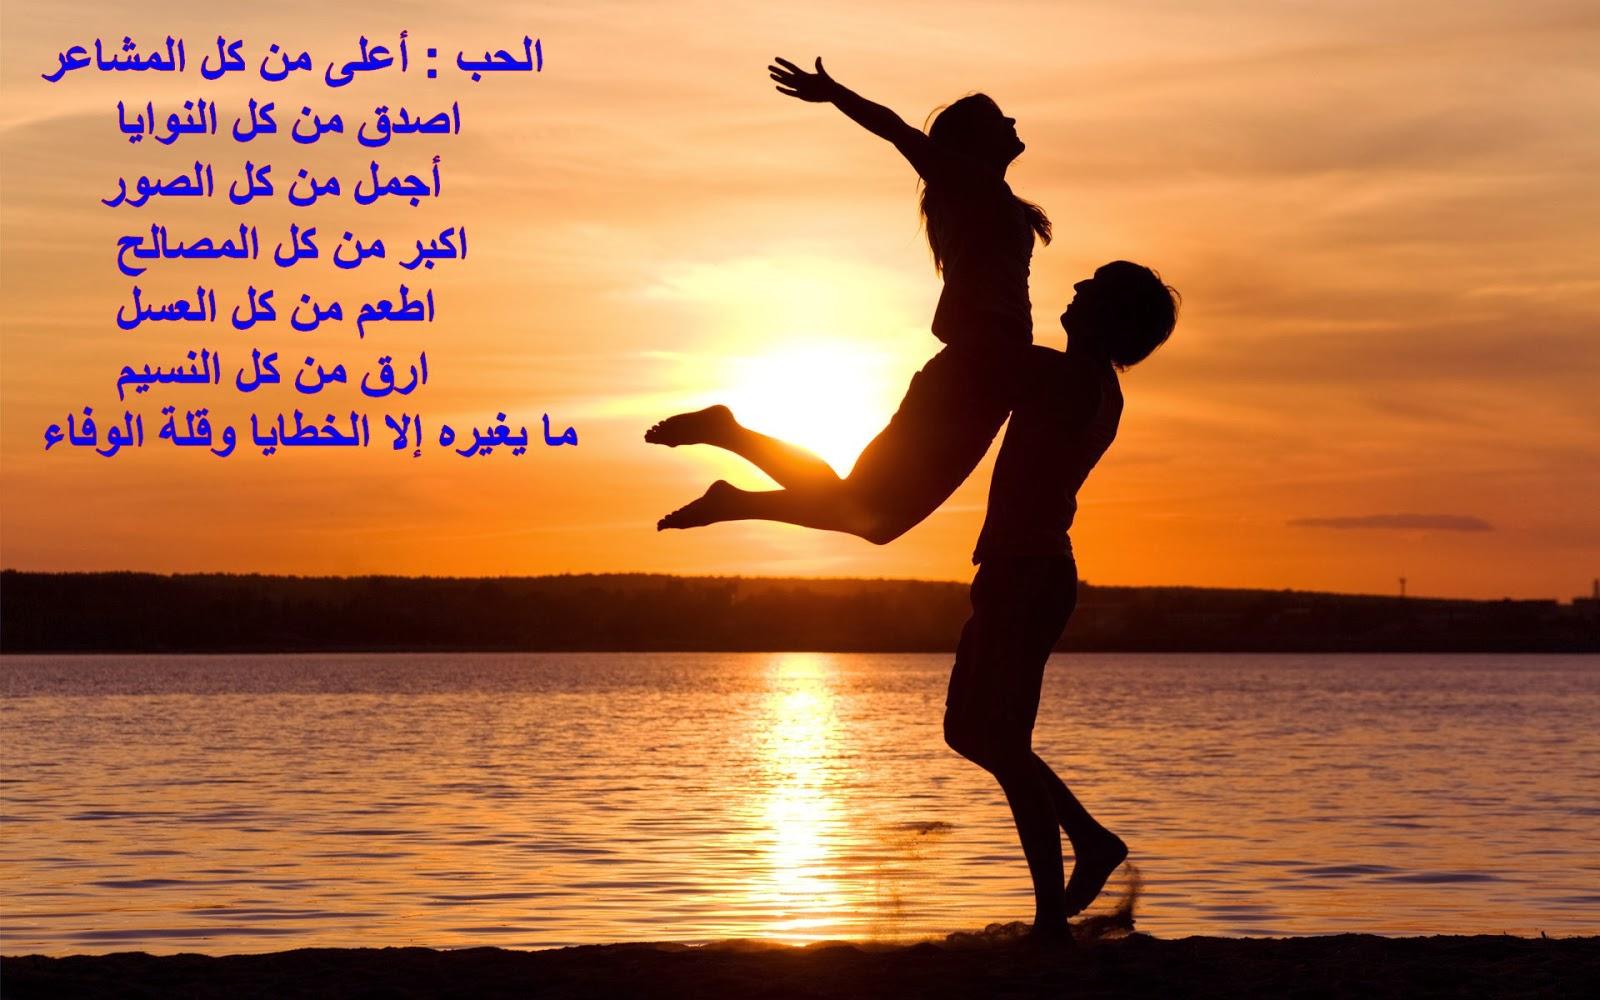 بالصور اجمل كلام عن الحب , اروع ما قيل في الحب 3742 7